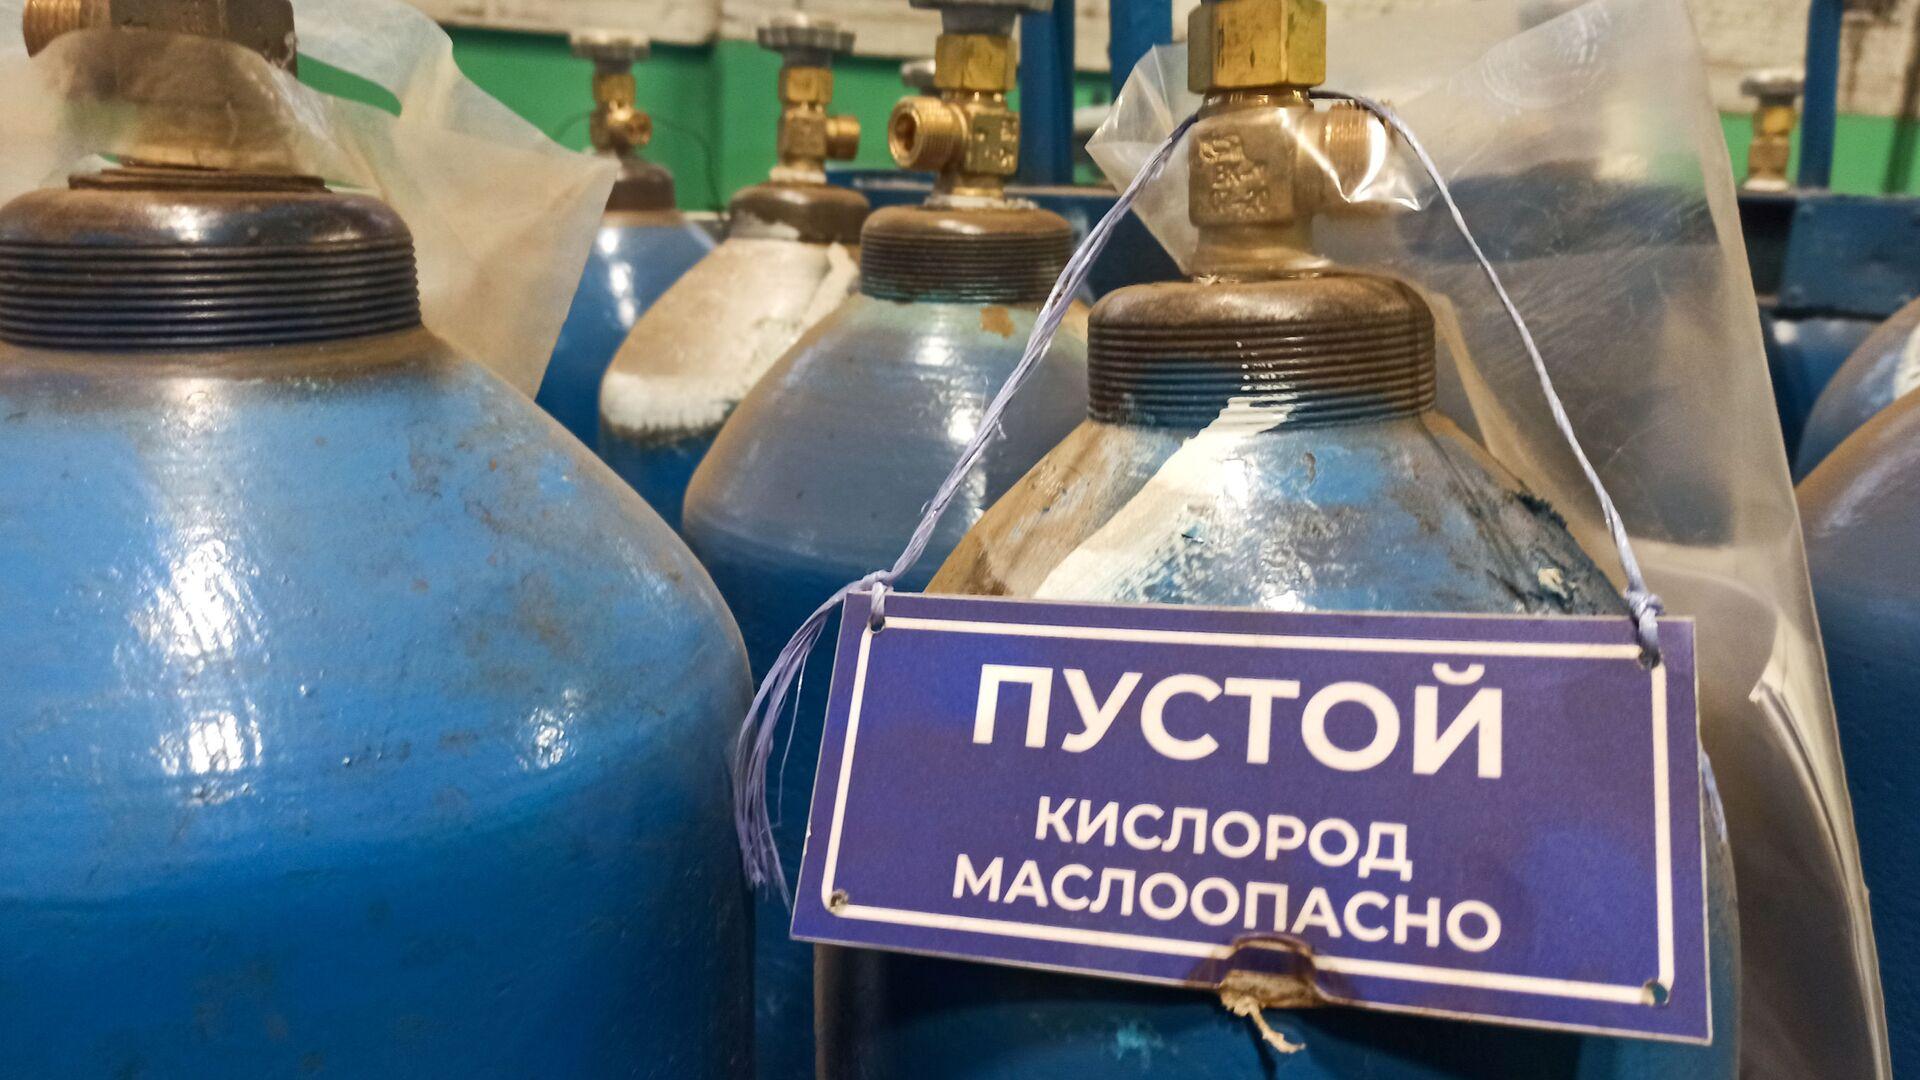 Кислород – продукт маслоопасный - Sputnik Беларусь, 1920, 11.10.2021